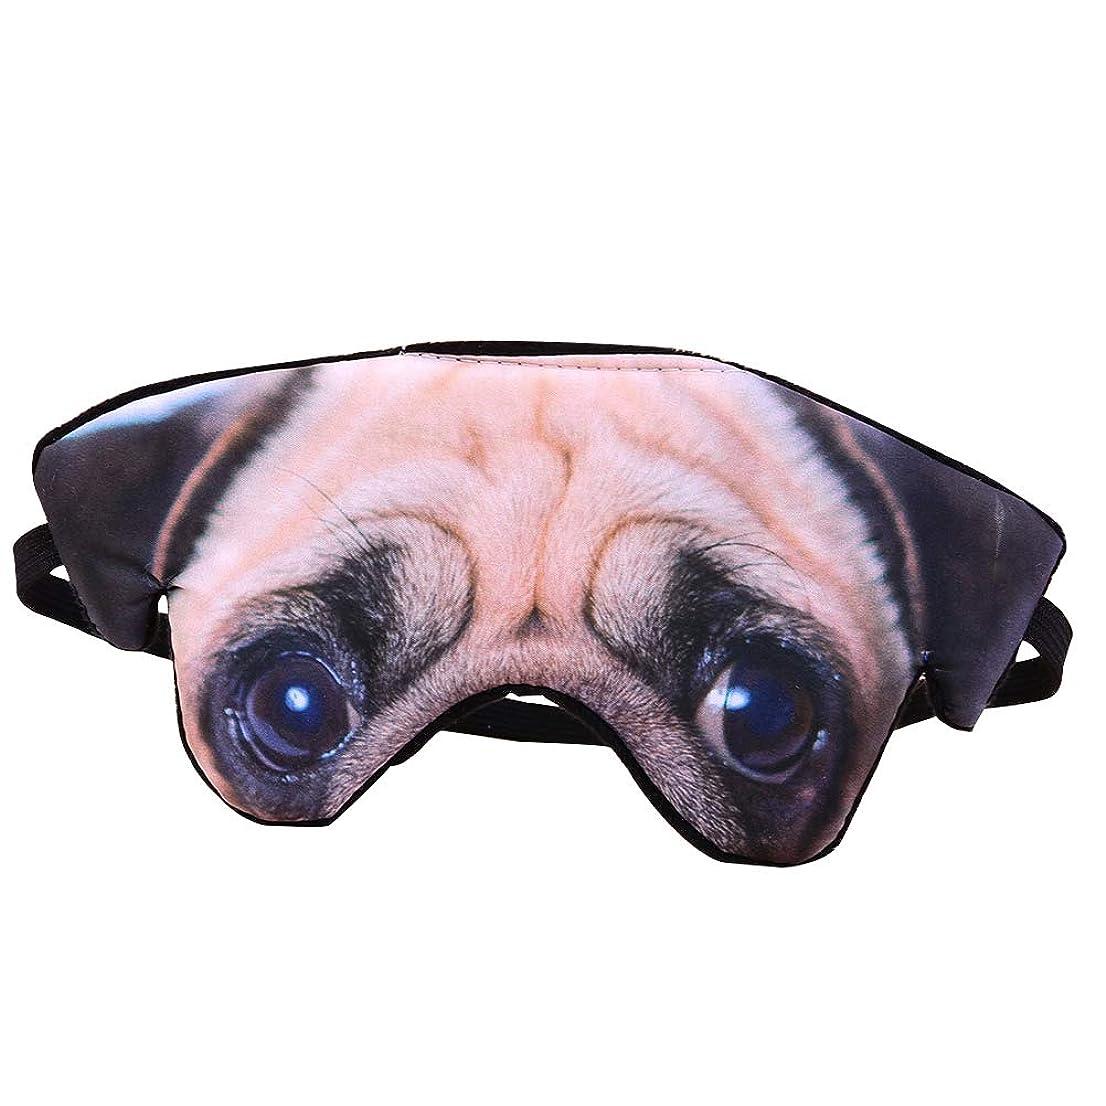 相対サイズ既に奨励HEALIFTY 睡眠目隠し3D犬のパターンアイマスクファニーシェードナップカバー目隠し睡眠マスク目の眠りゴーグル(Pug)